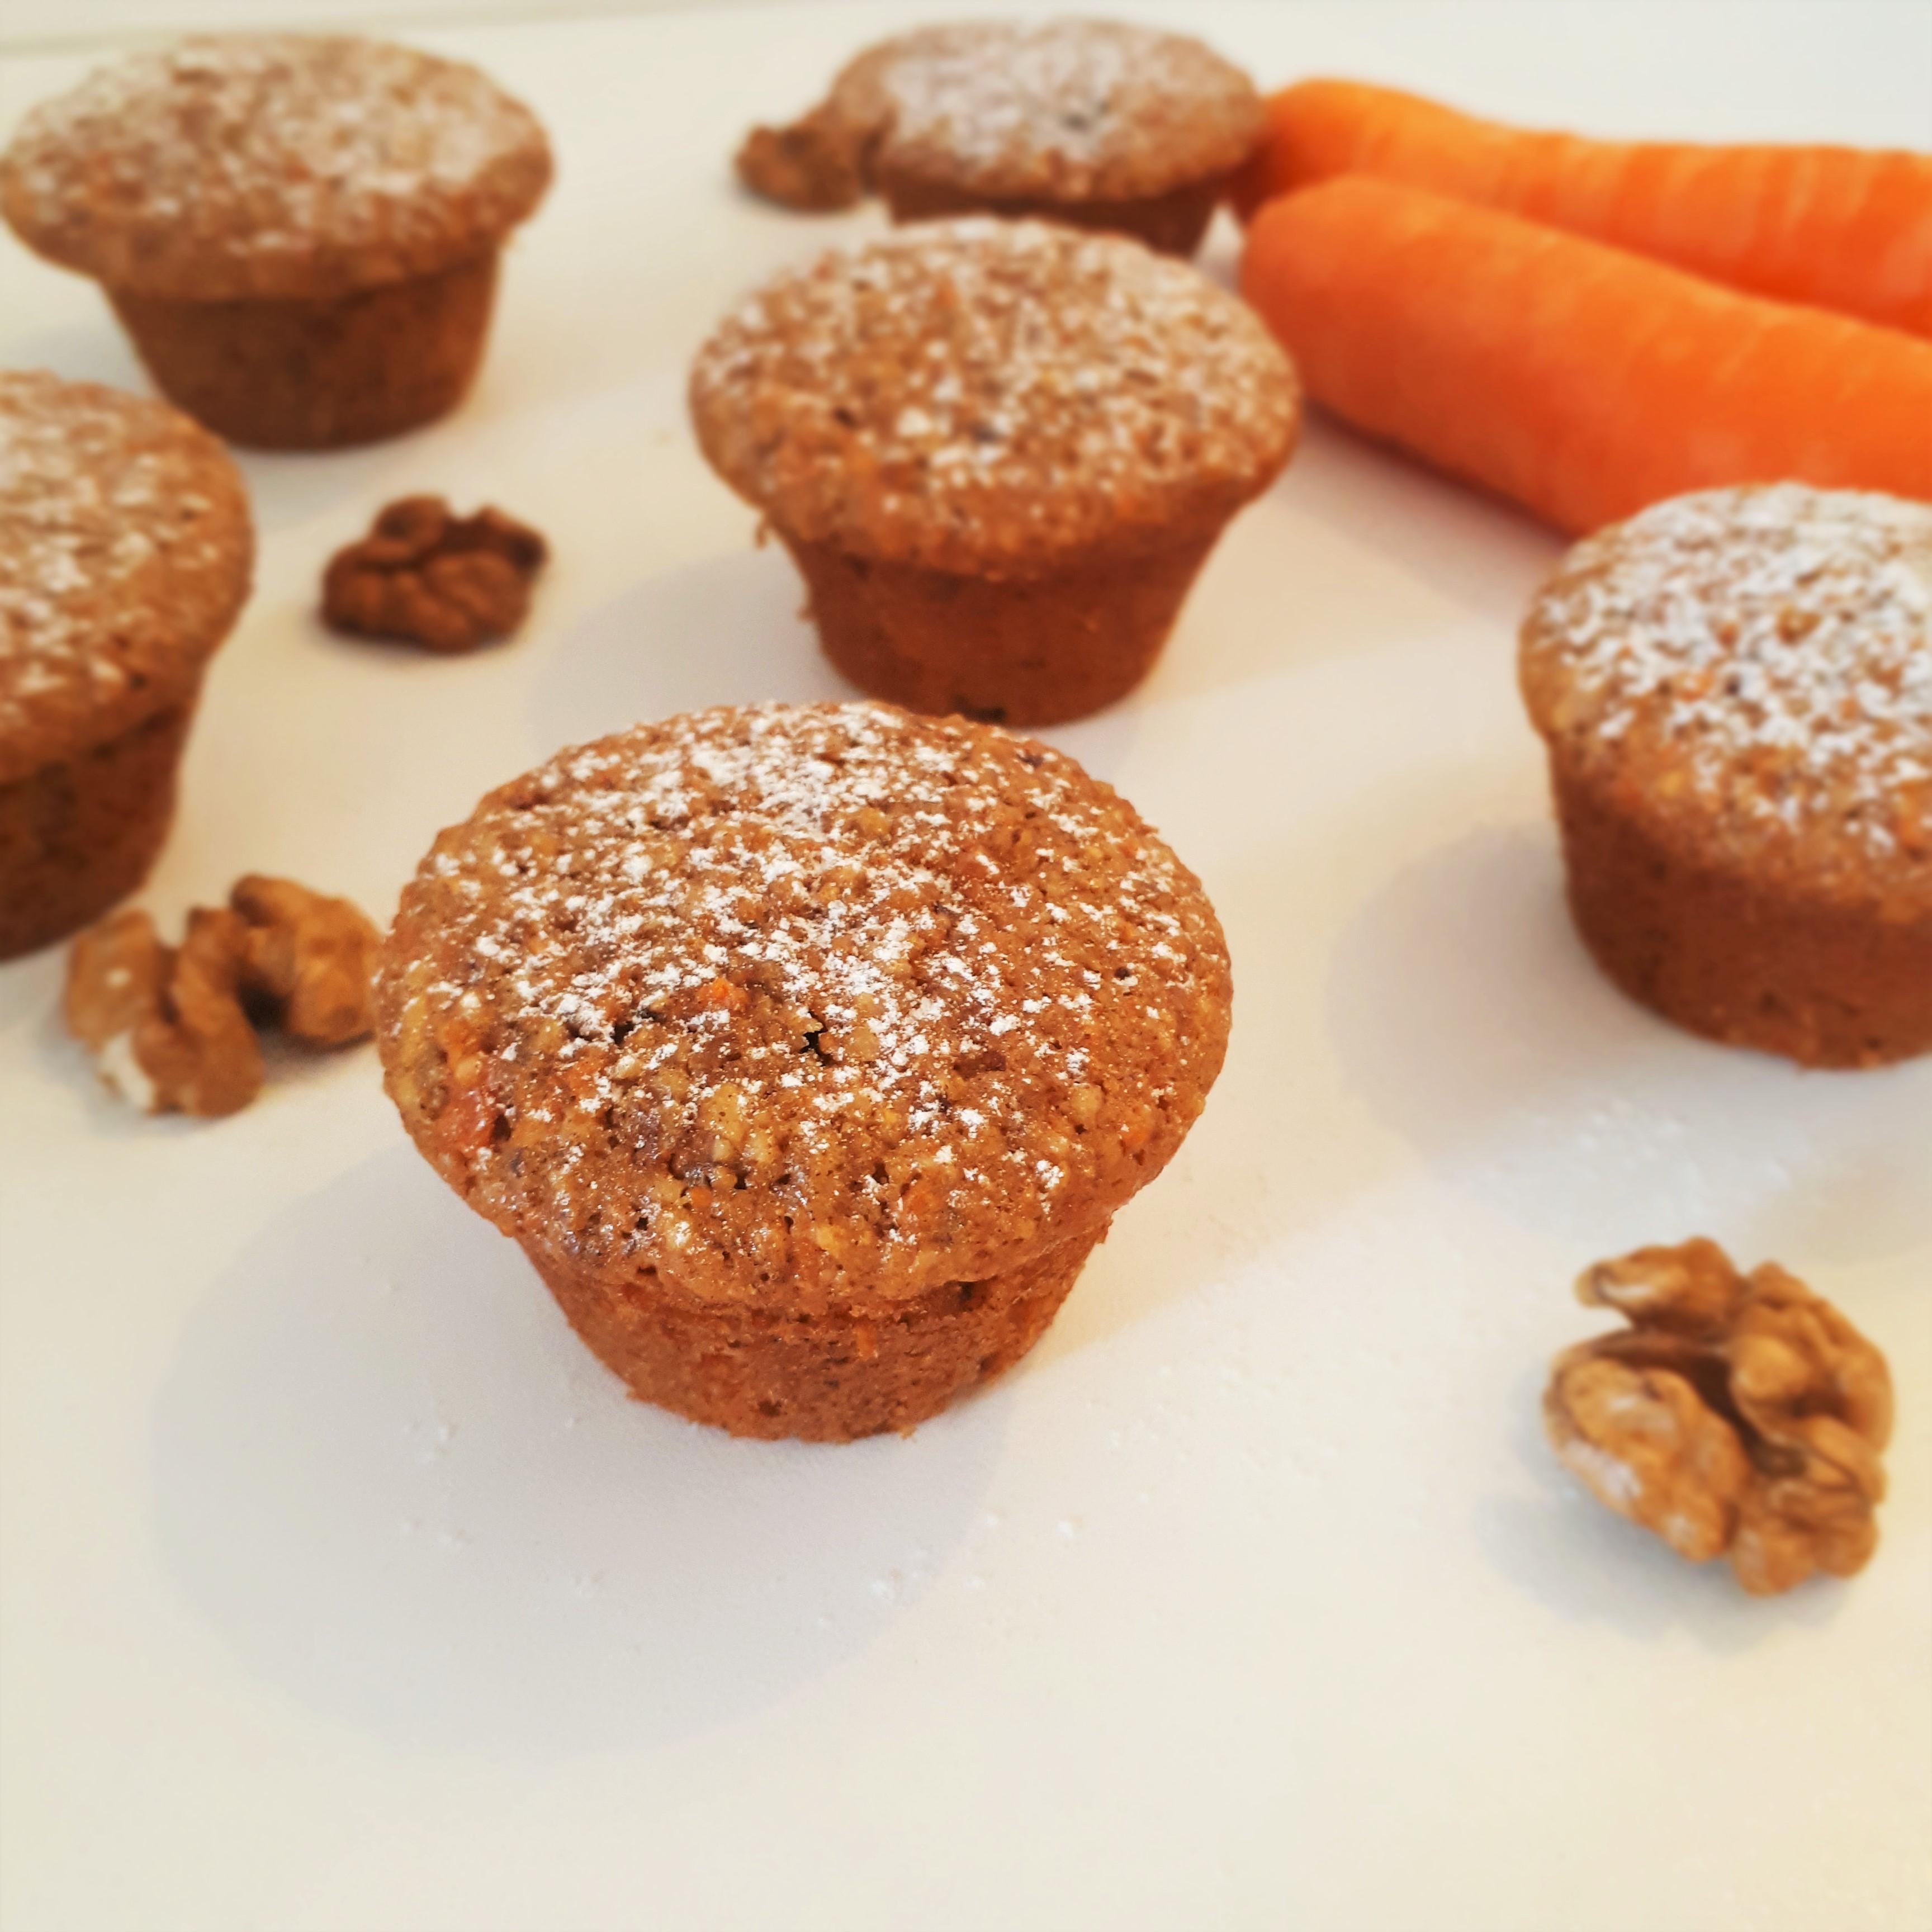 Šesť mrkovovo-orechových muffín posypaných práškovým cukrom na bielom povrchu okolo vysypané vlašské orechy vzadu dve mrkvy